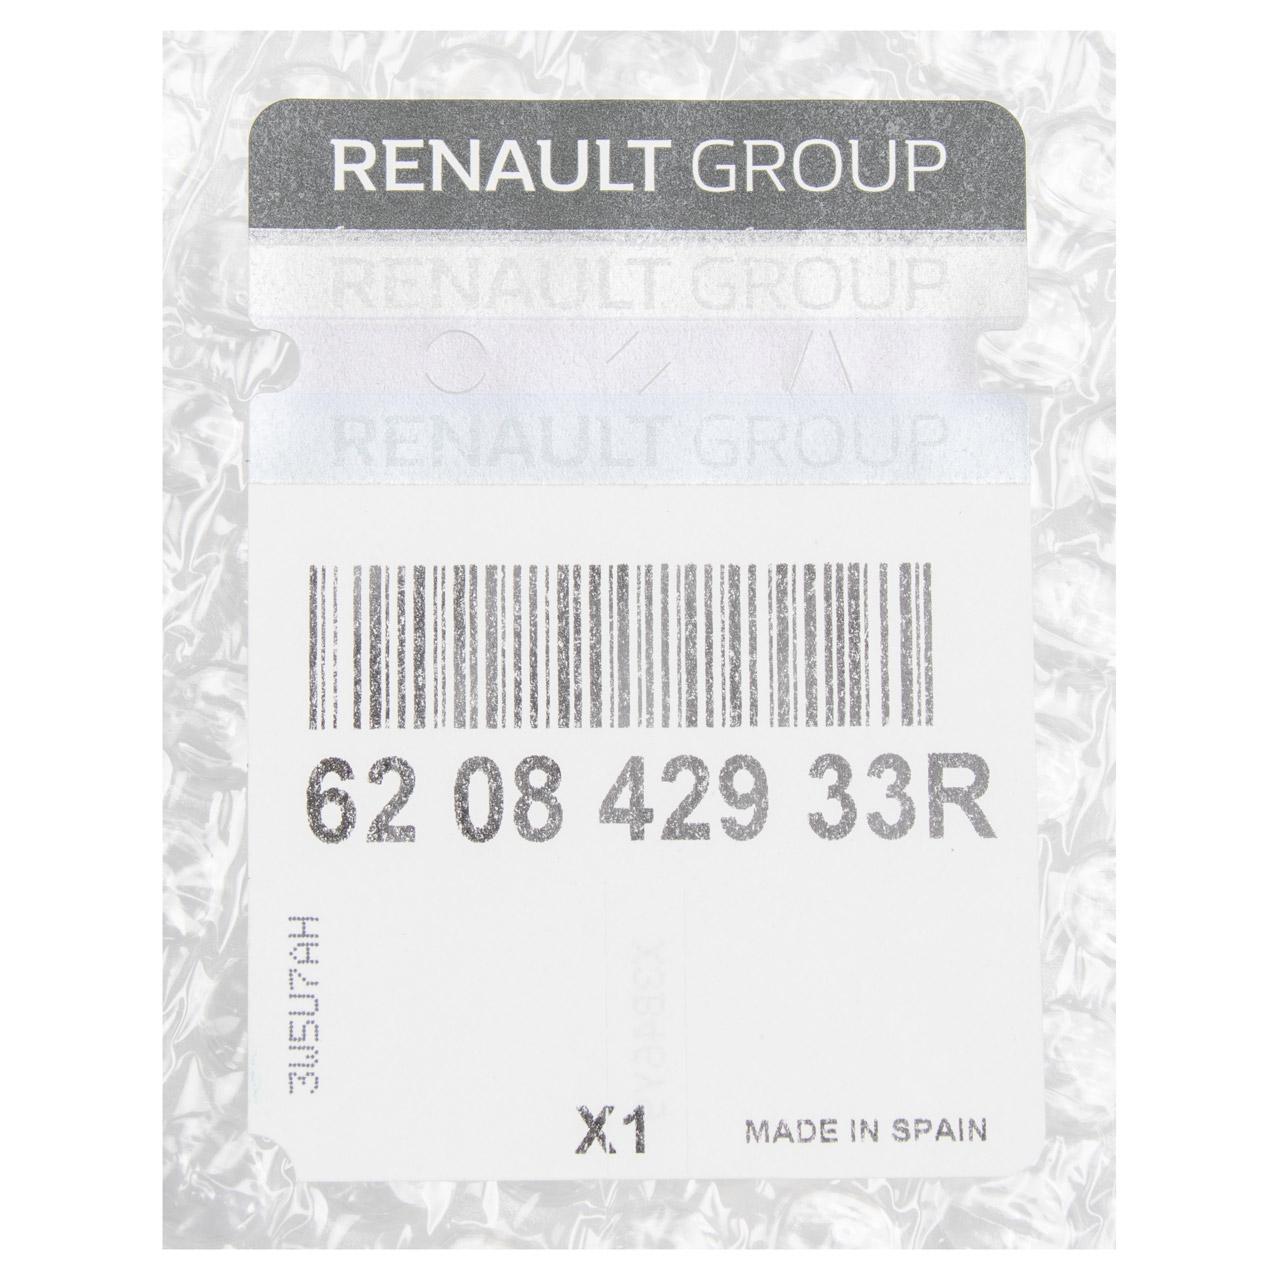 ORIGINAL Renault Stoßstange Frontverkleidung Captur (J5_, H5_) unten 620842933R